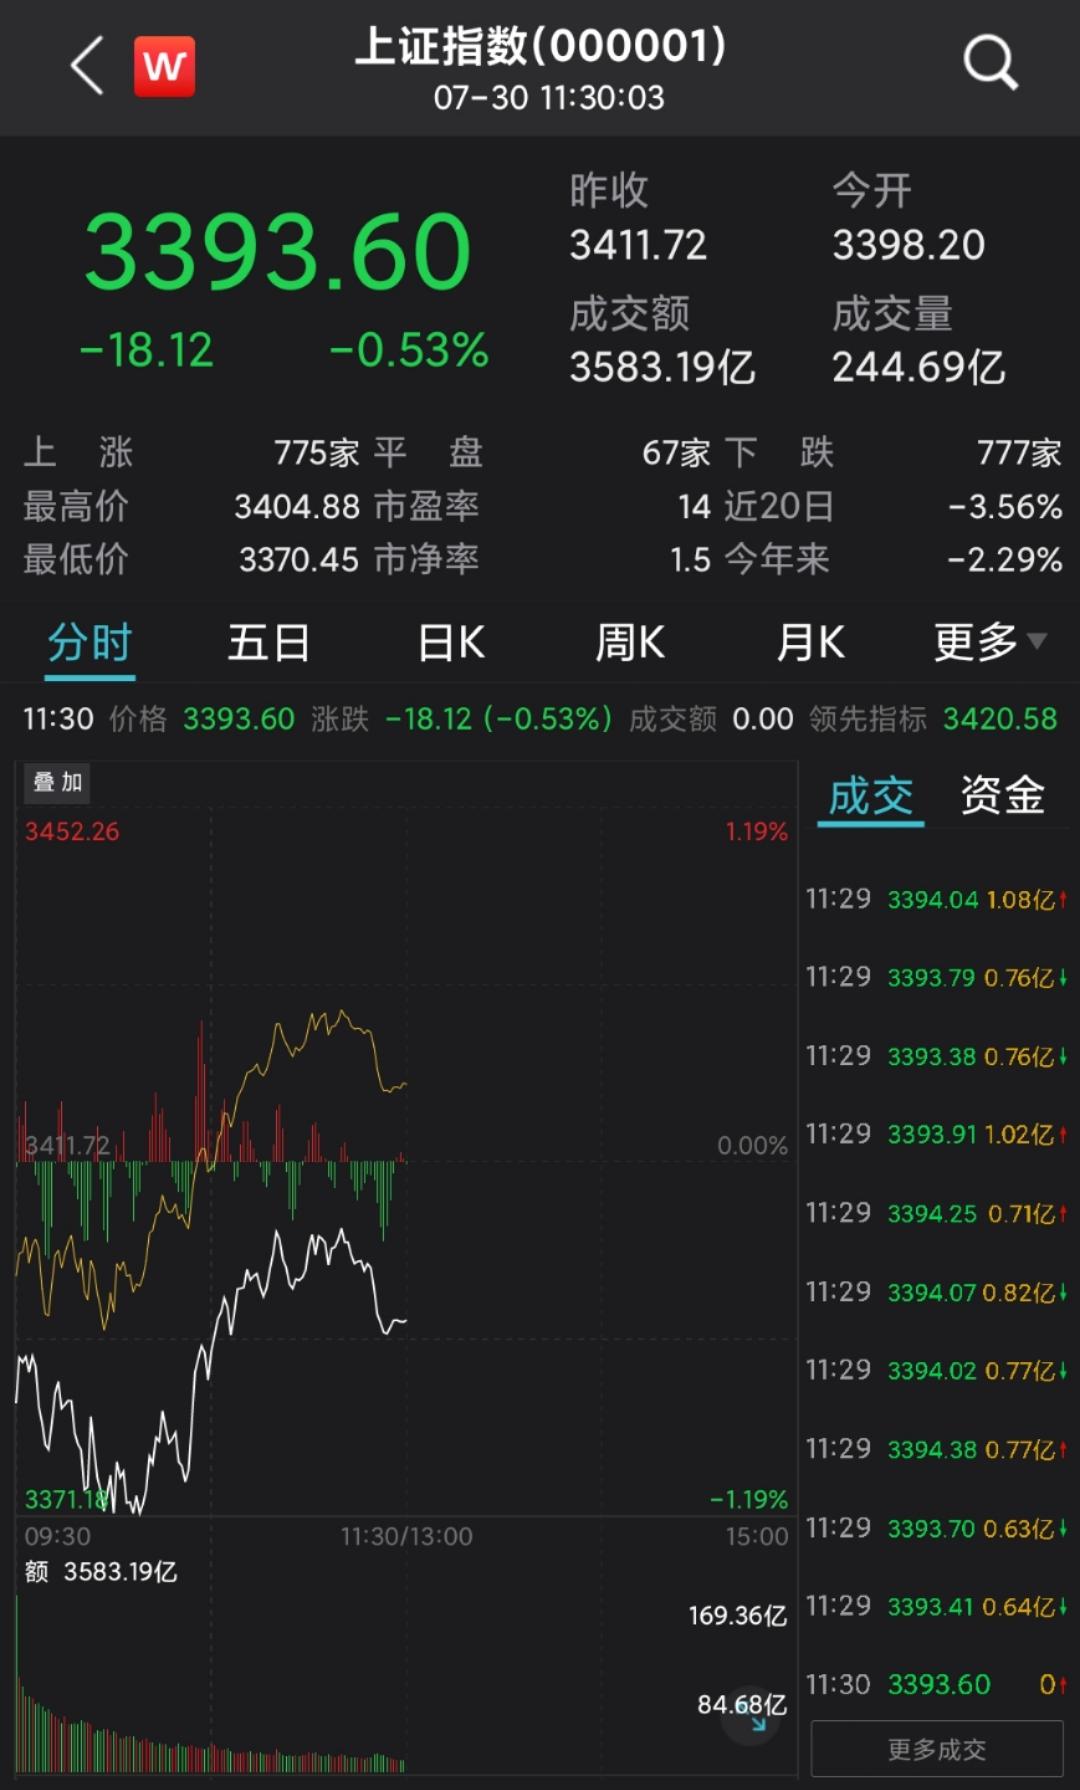 沪指低位运行跌0.53% 鸿蒙概念股逆市活跃